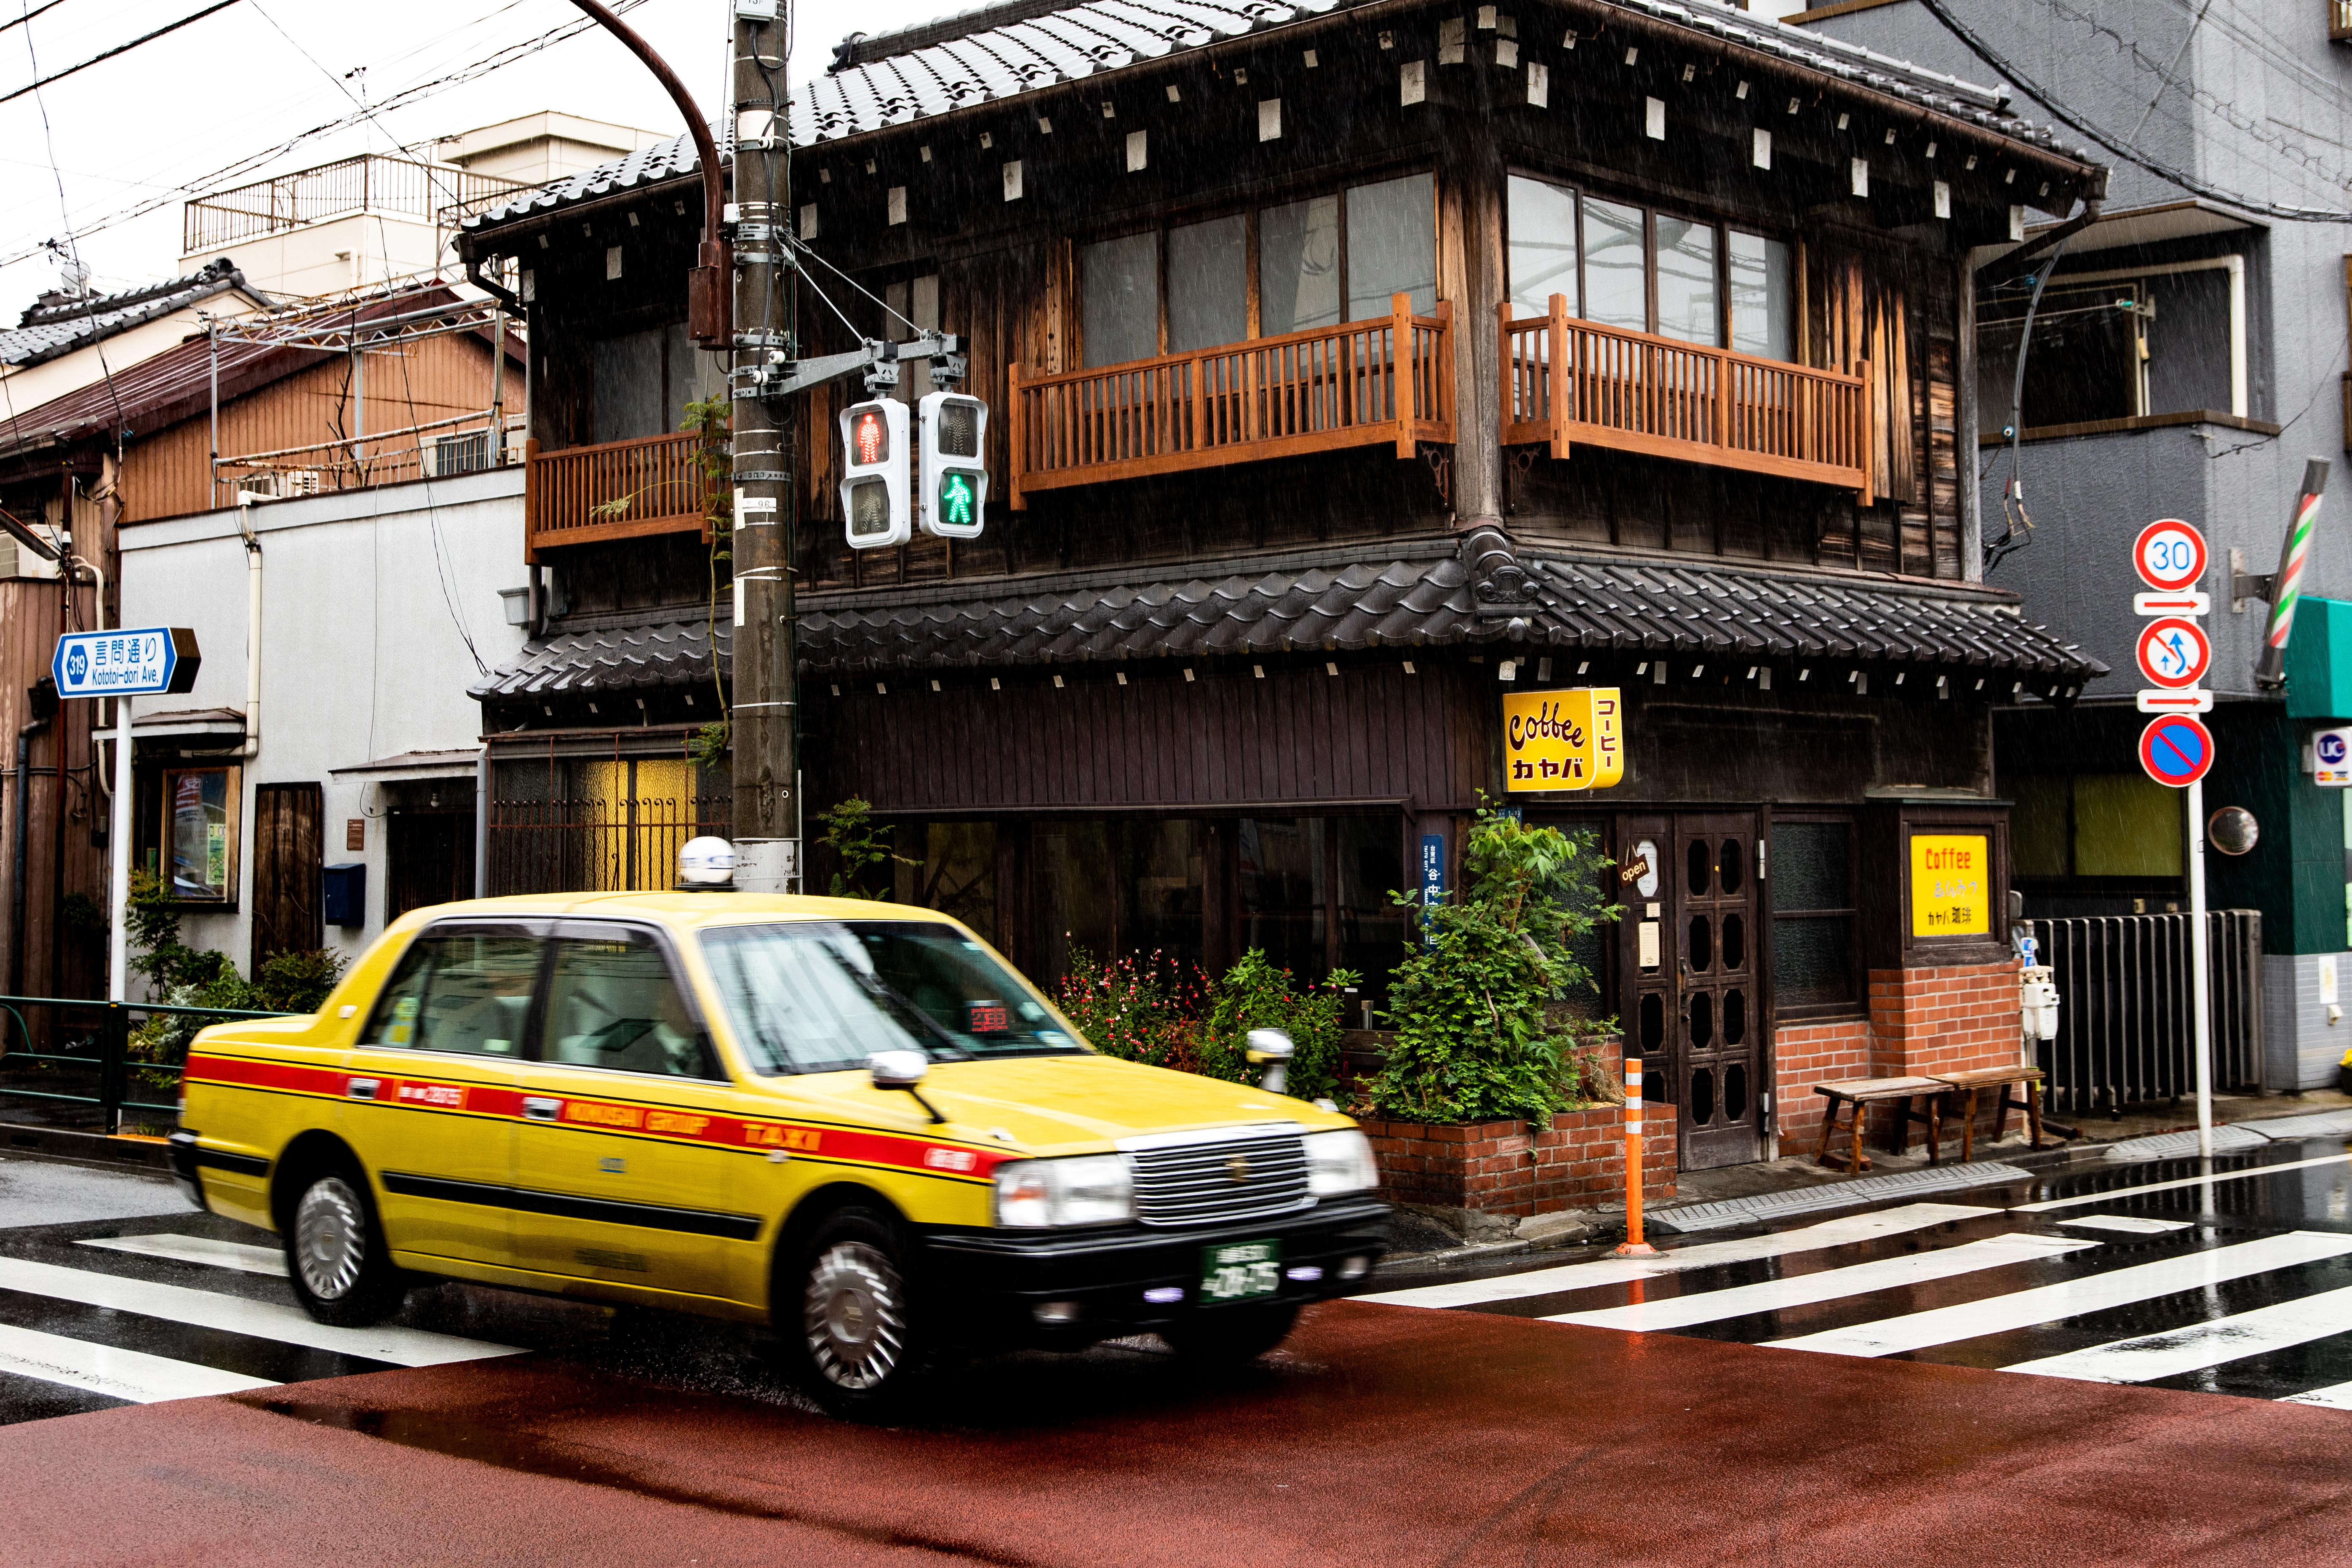 852-Kayaba-Tokyo-11